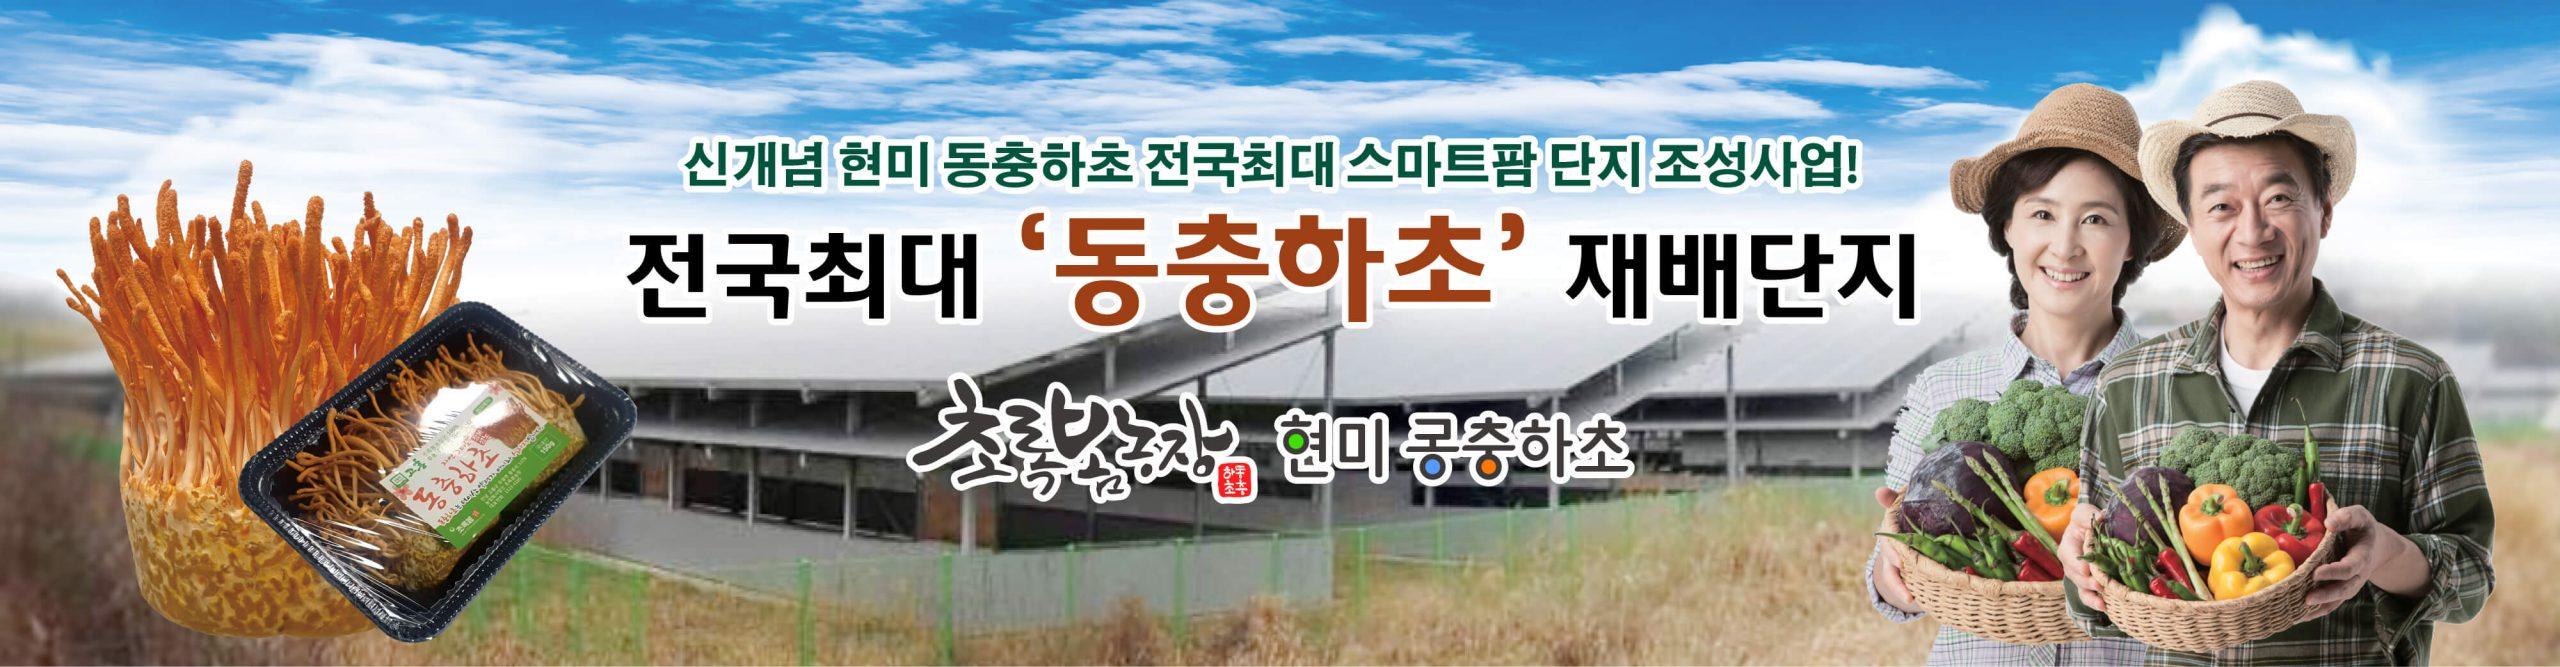 초록봄농장 메인 (1)